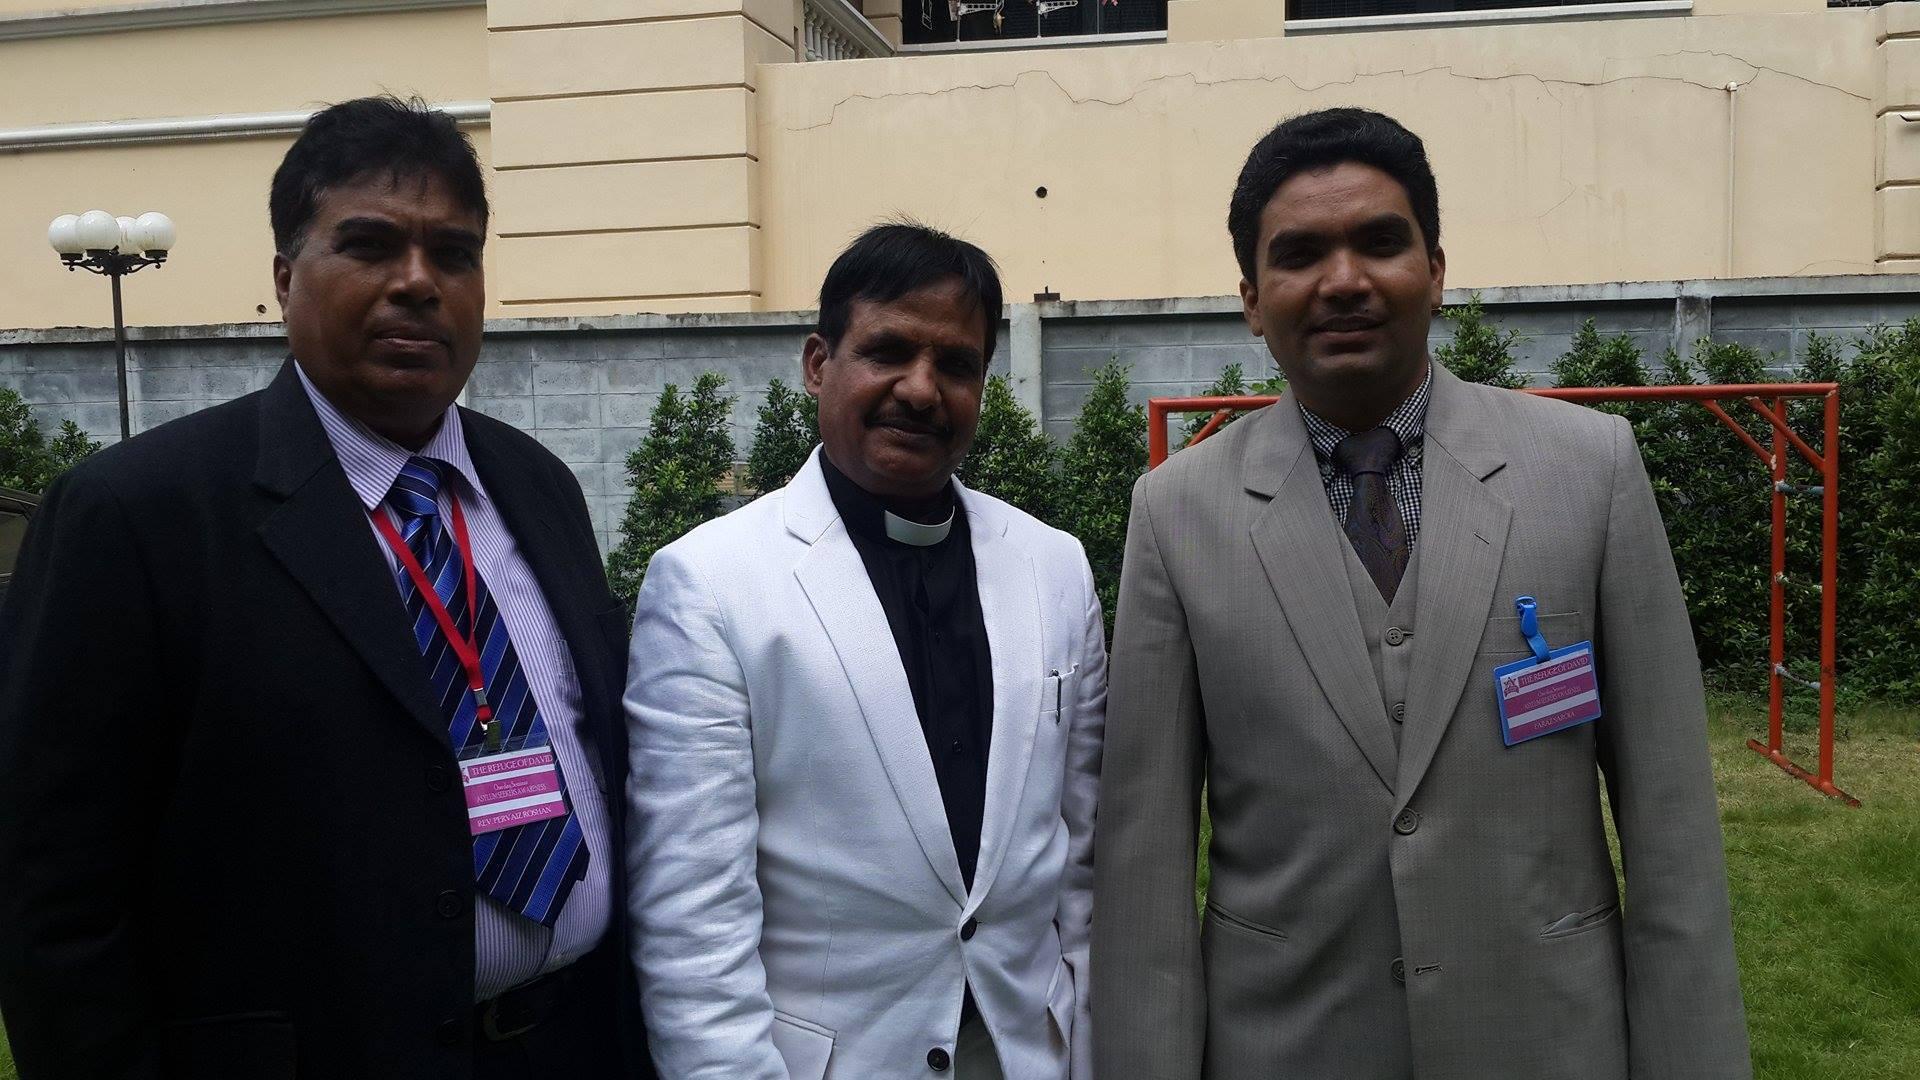 Pervaiz, Anwar and Faraz